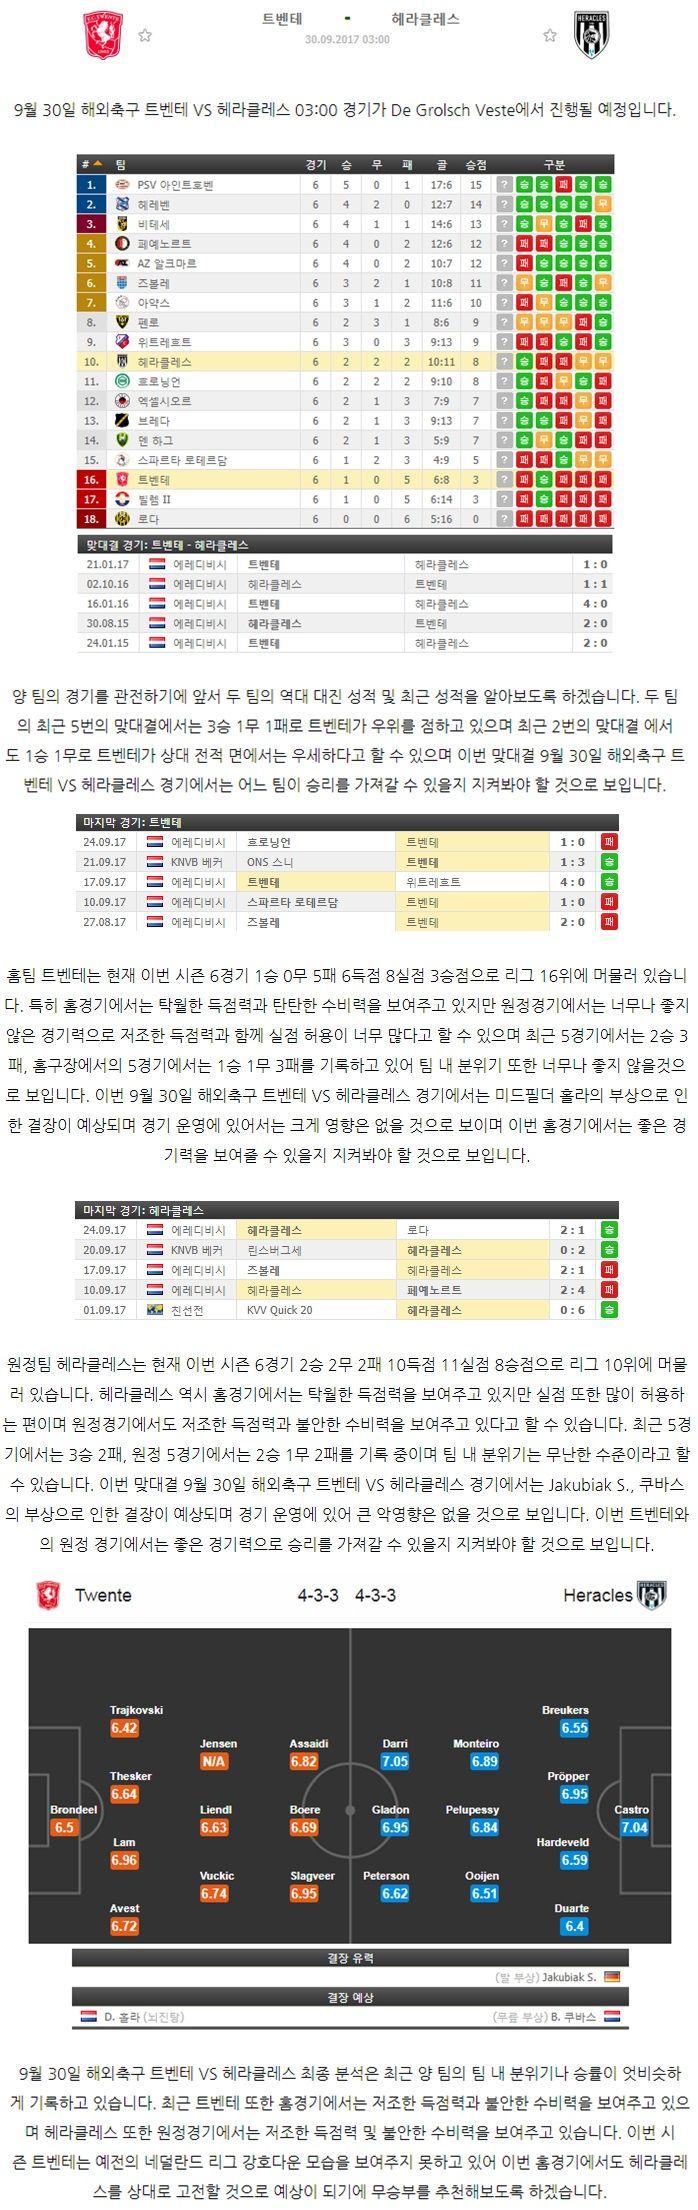 9월 30일 해외축구 트벤테 VS 헤라클레스 분석!!!